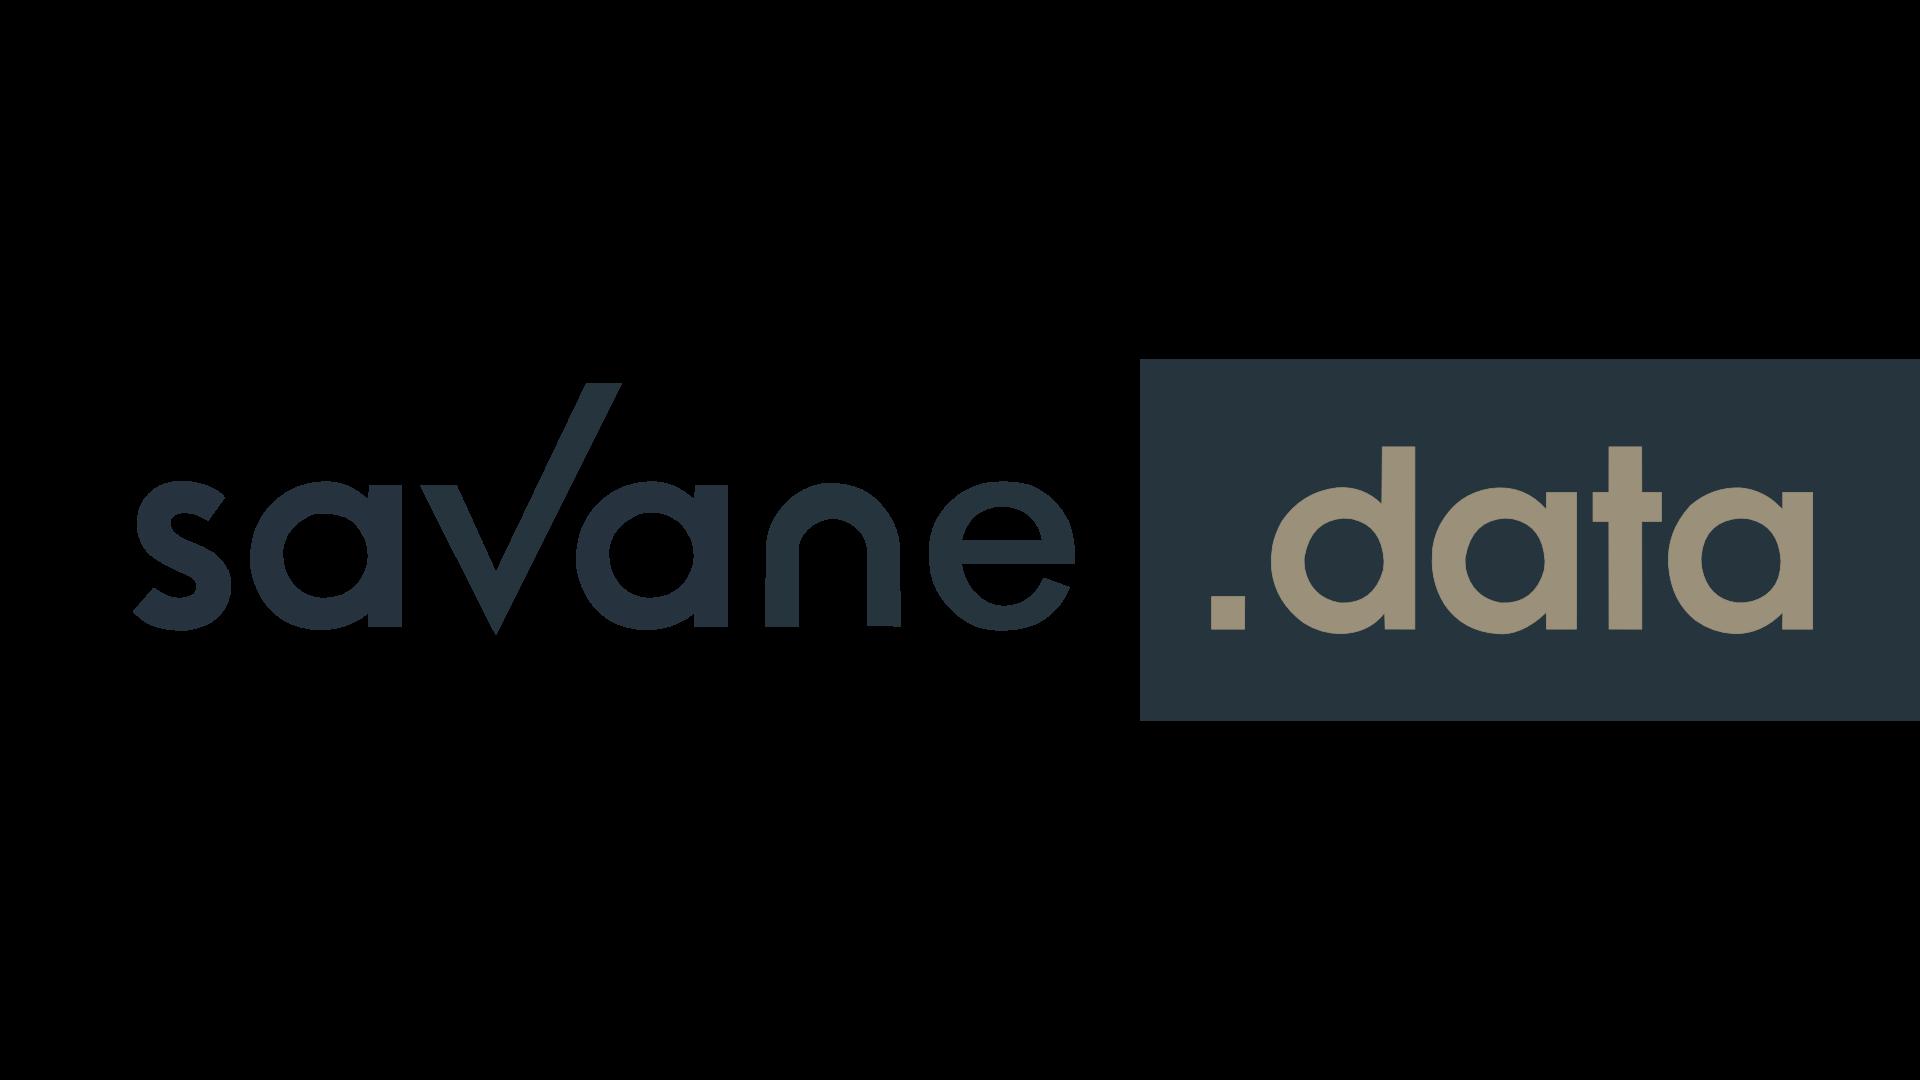 Savane.data